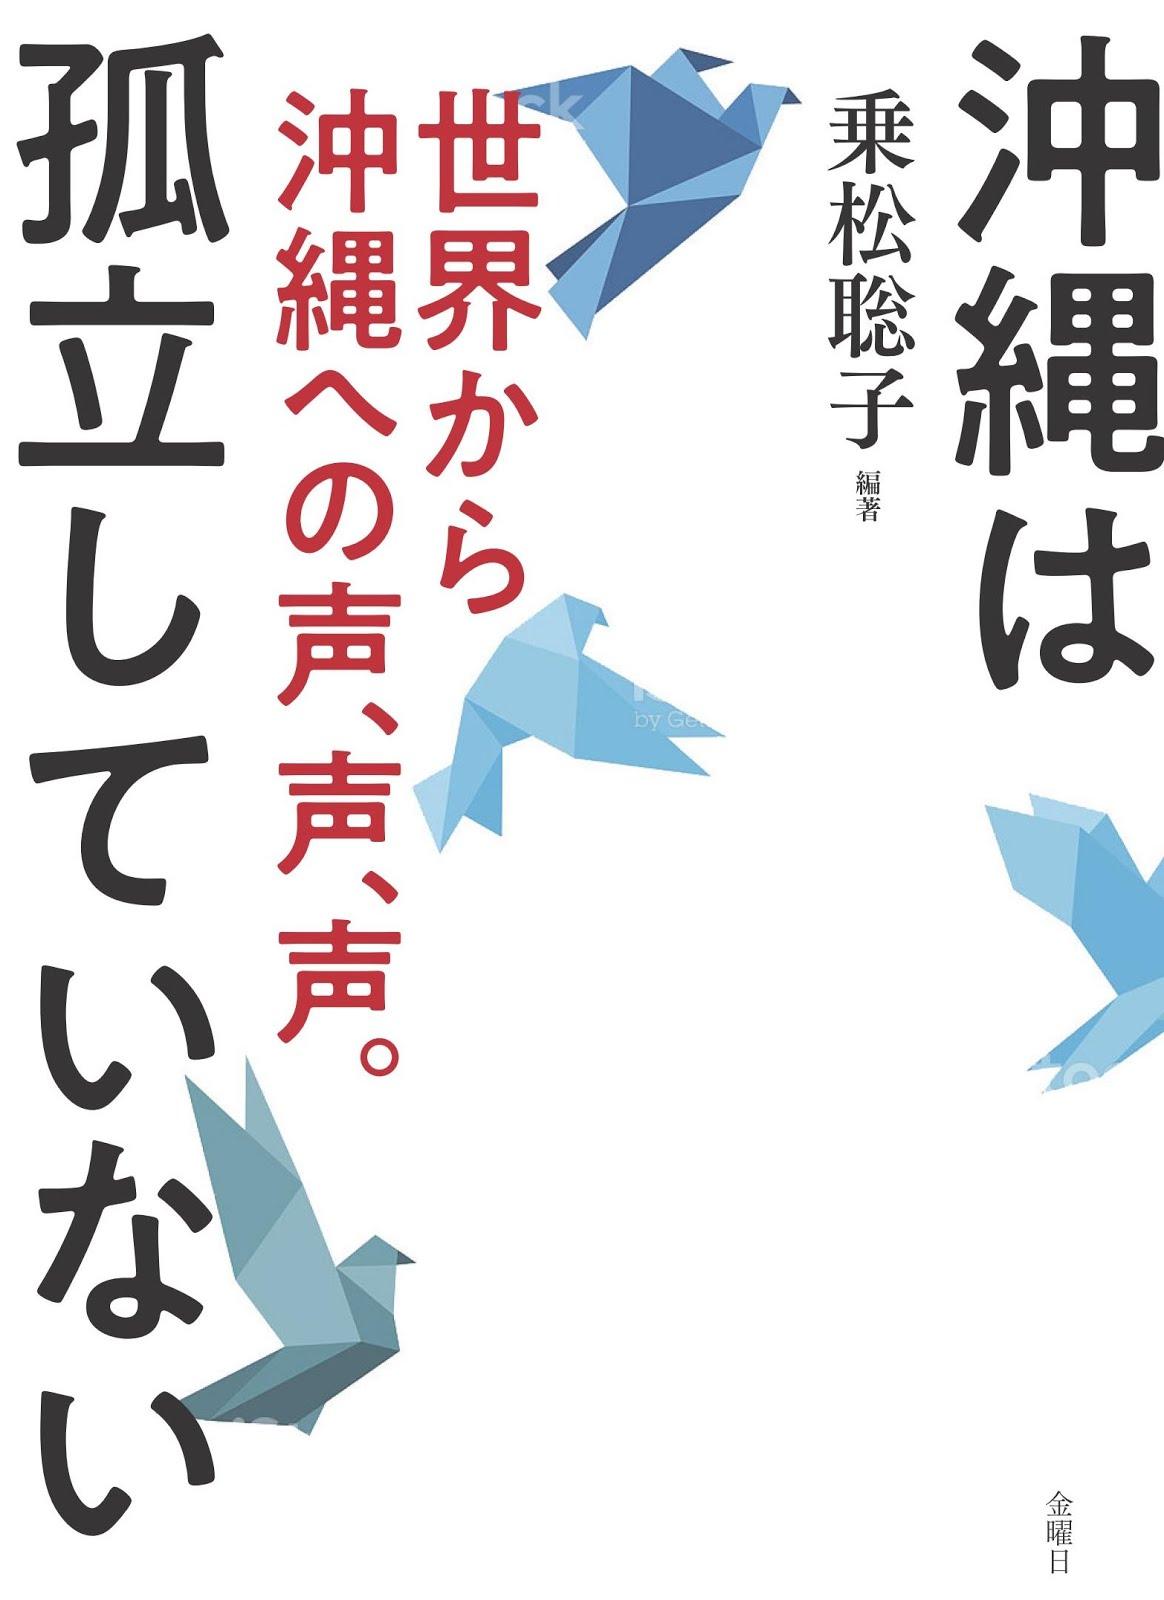 4月19日 東京で出版記念イベント 山城博治さんをゲストに迎えて(画像クリック)